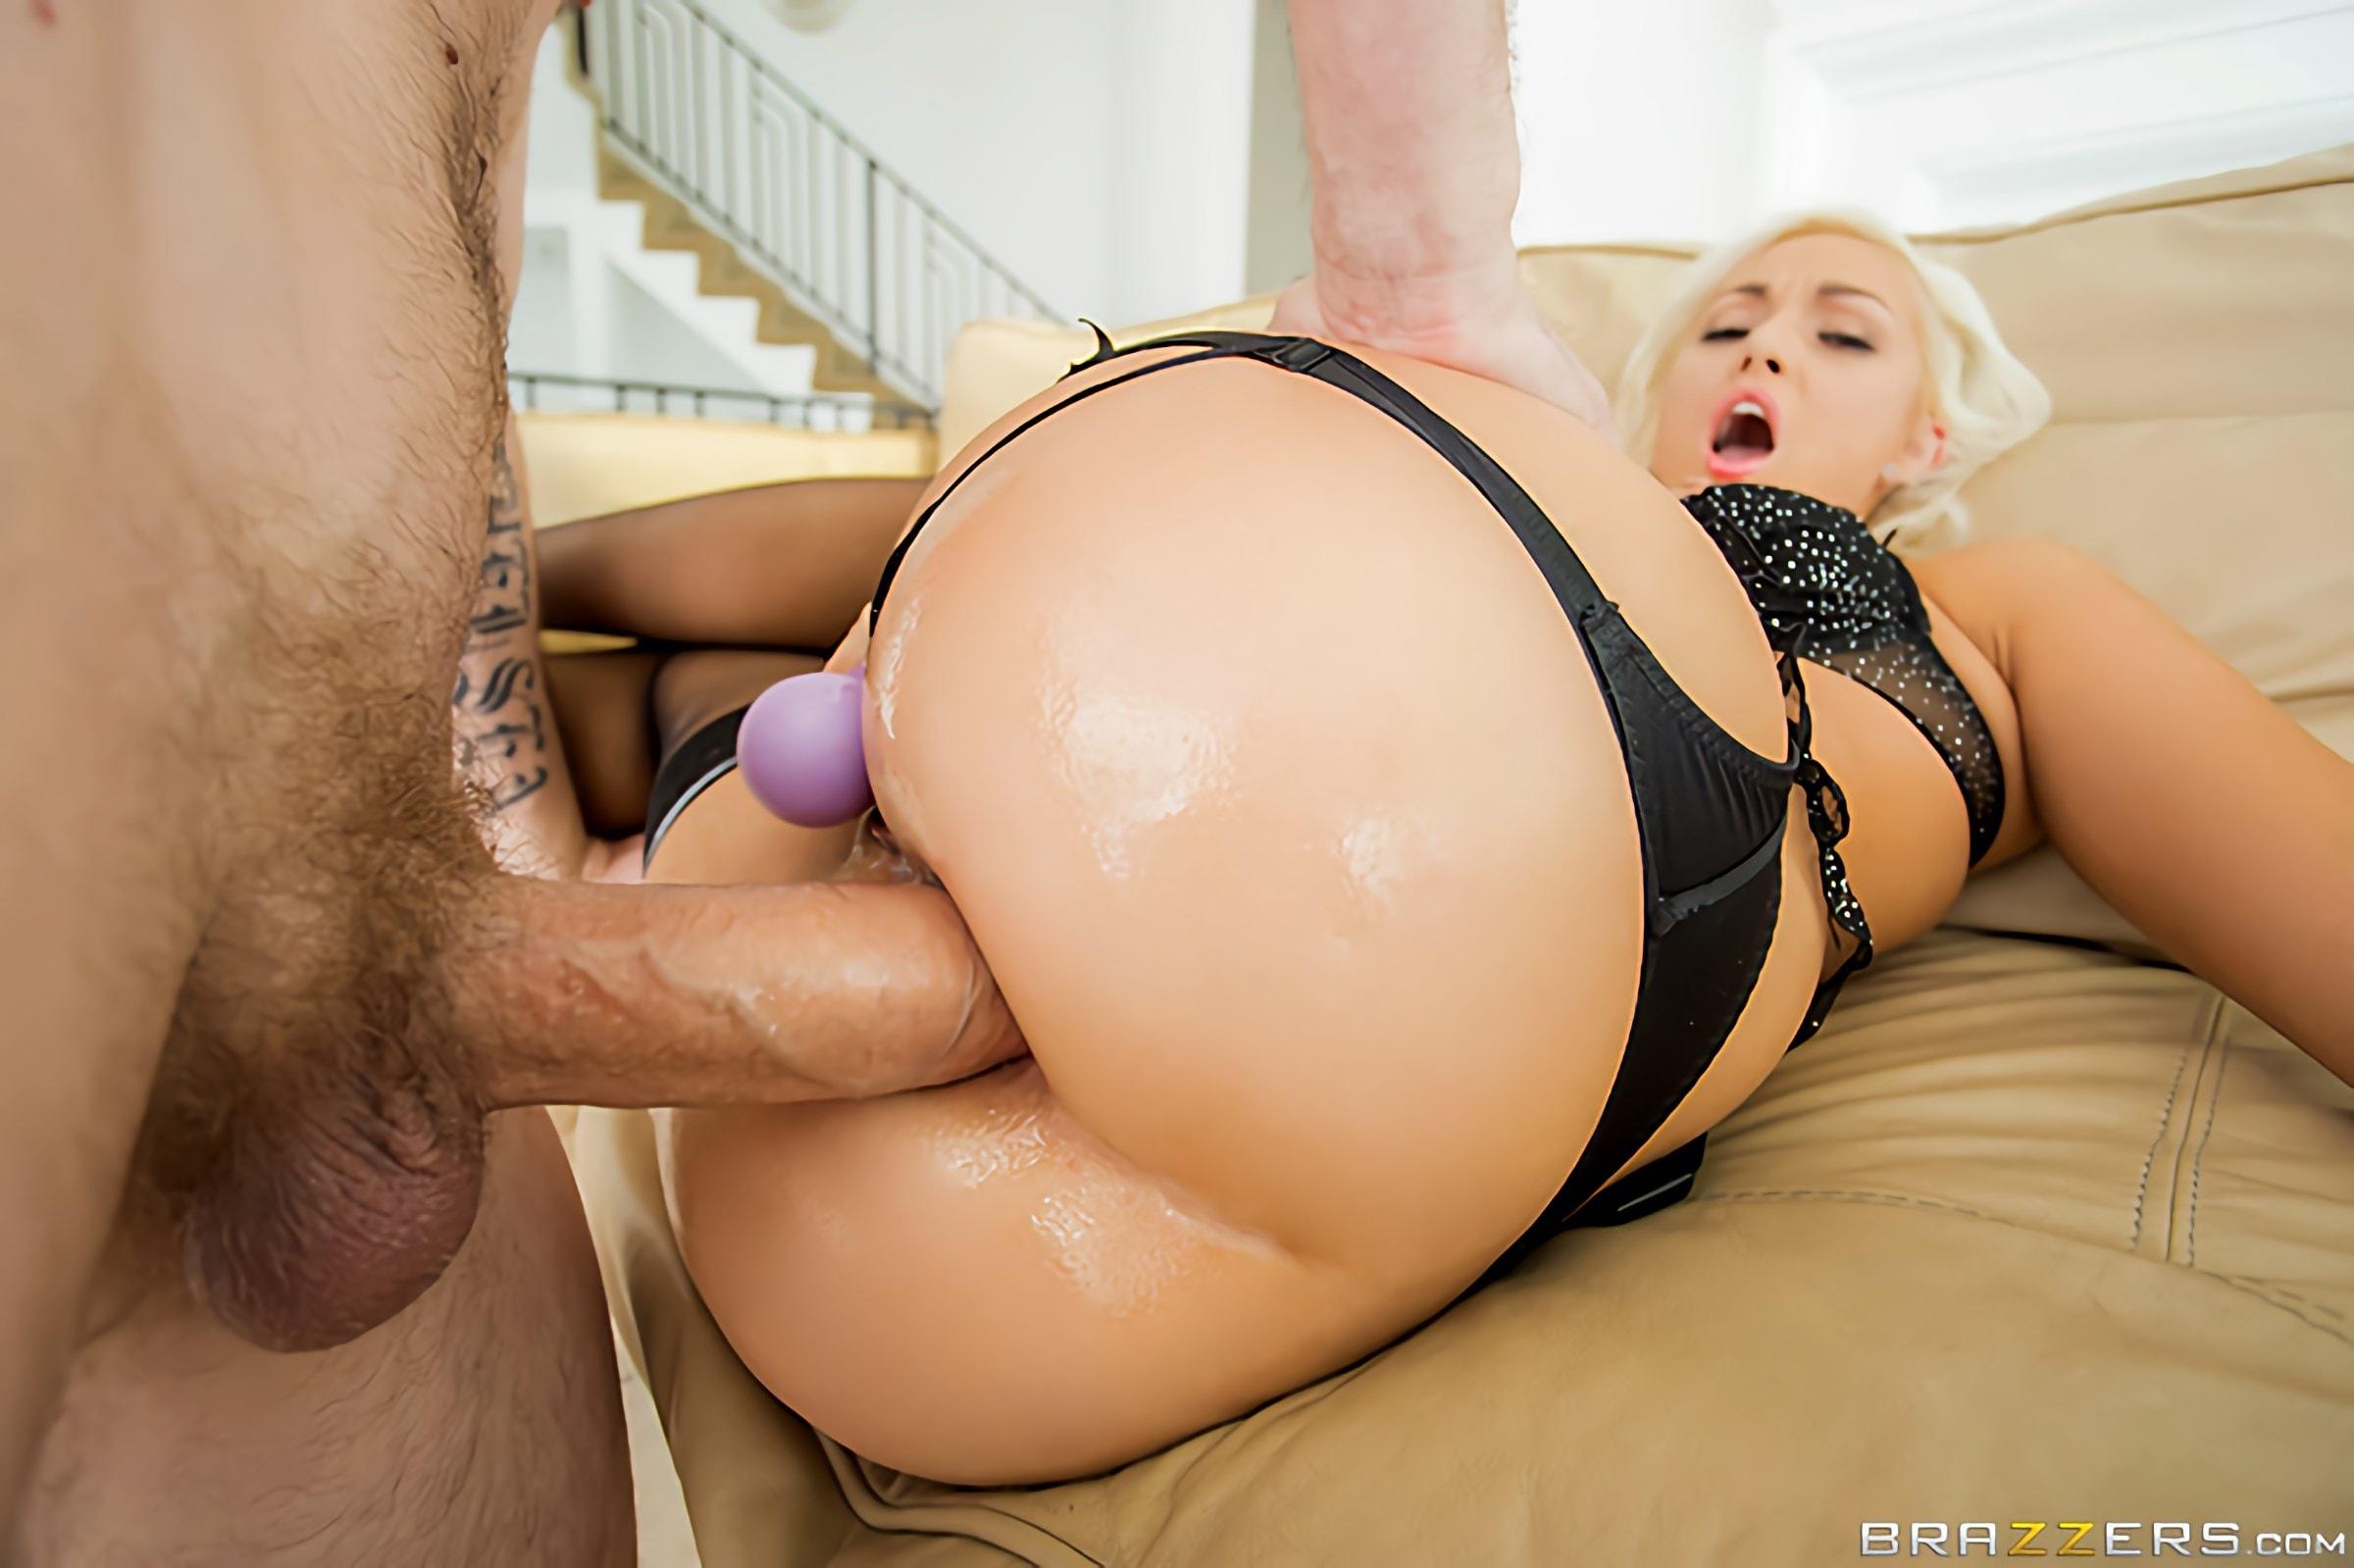 Фото большой жопы порно